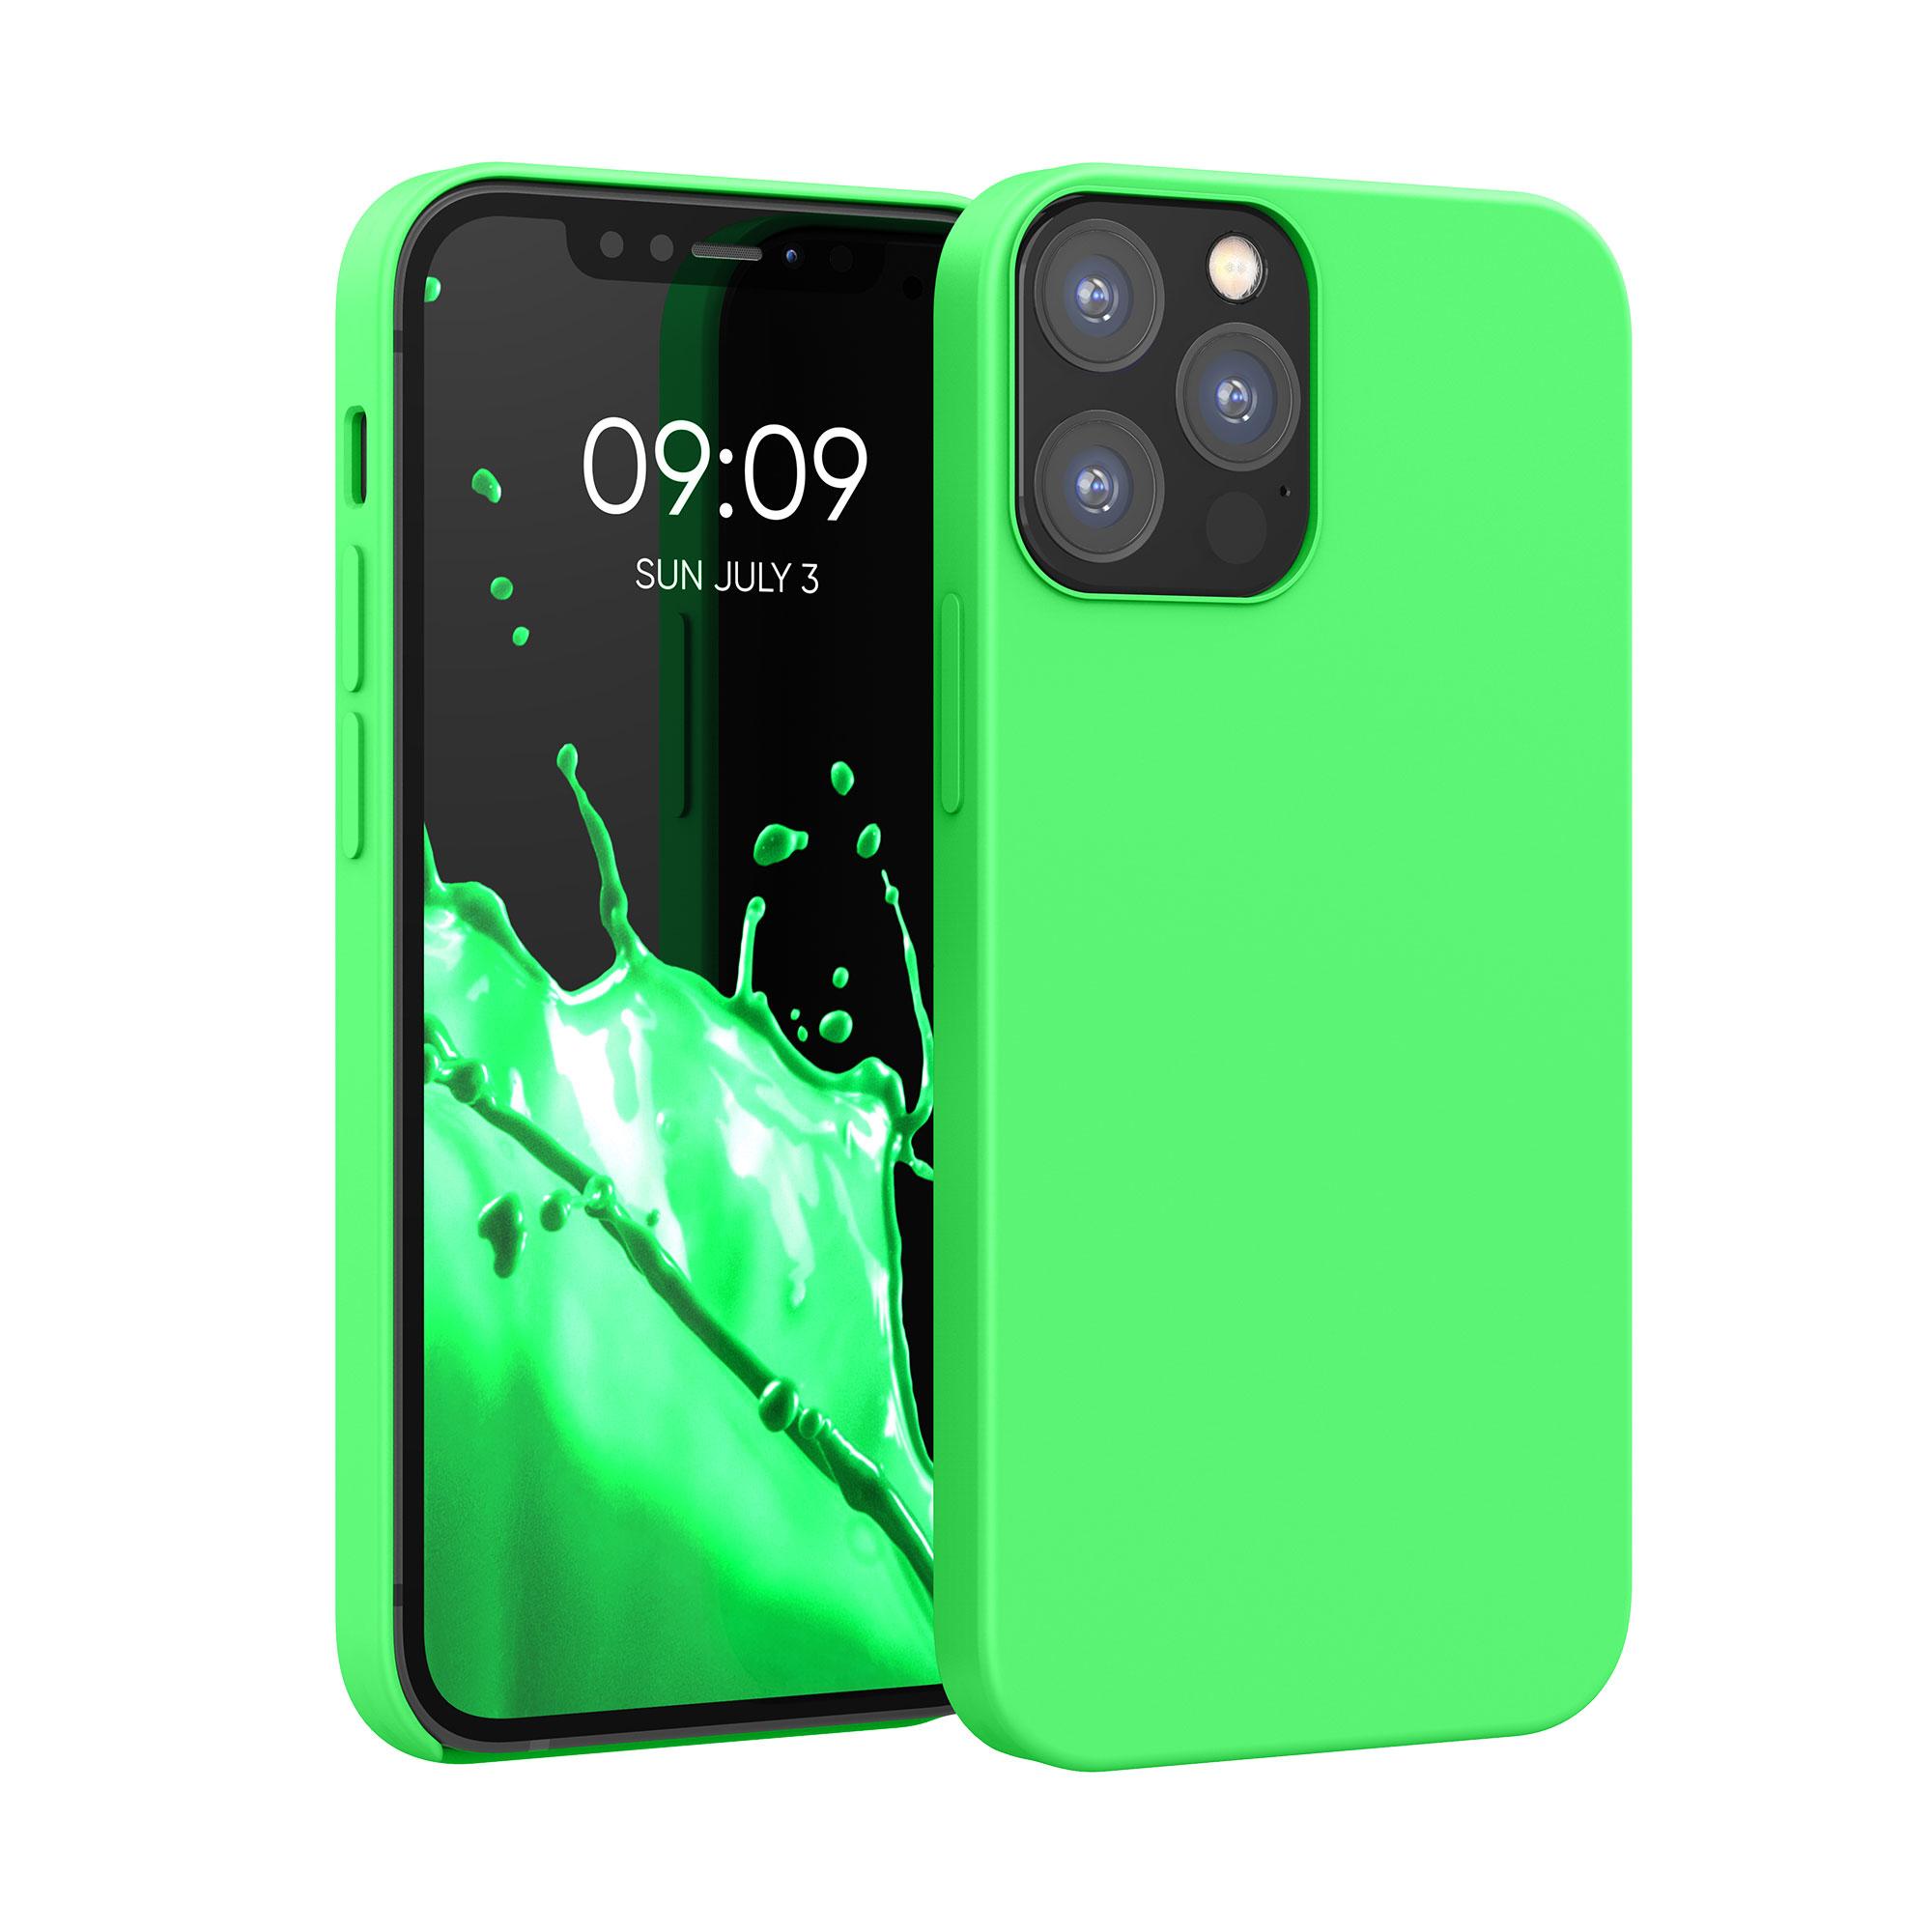 Kvalitní silikonové TPU pouzdro pro Apple iPhone 12 / 12 Pro - Limetkově zelená